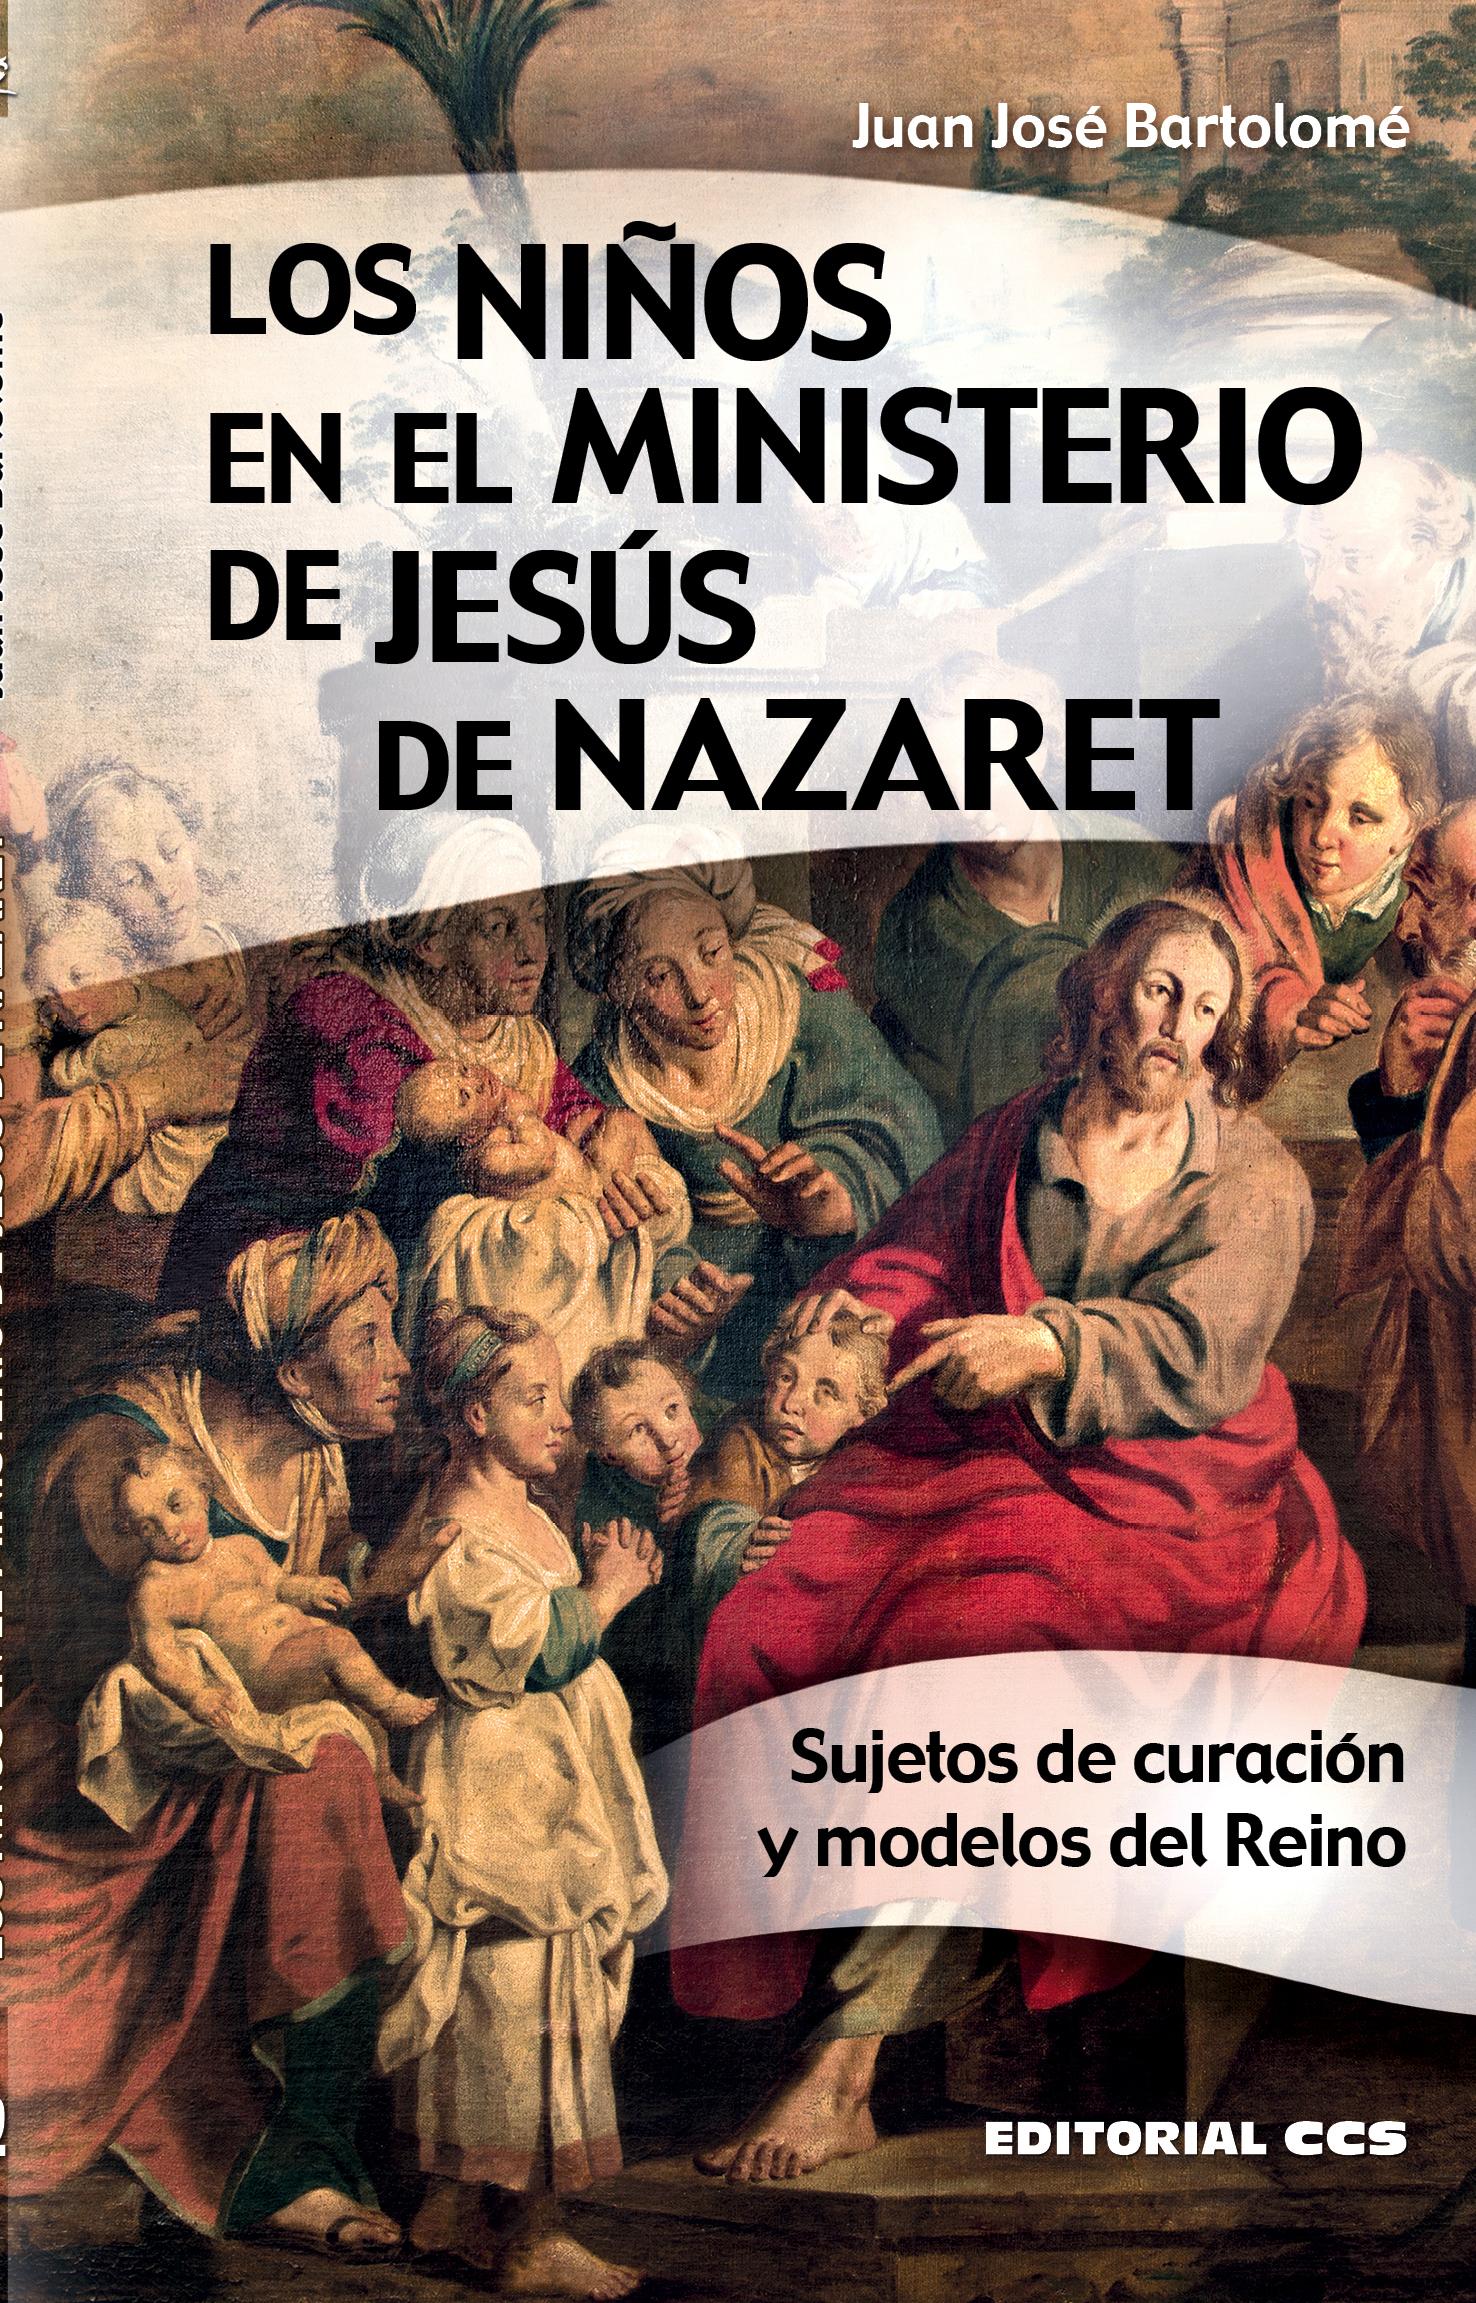 Los niños en el ministerio de Jesús de Nazaret   «Sujetos de curación y modelos del Reino»